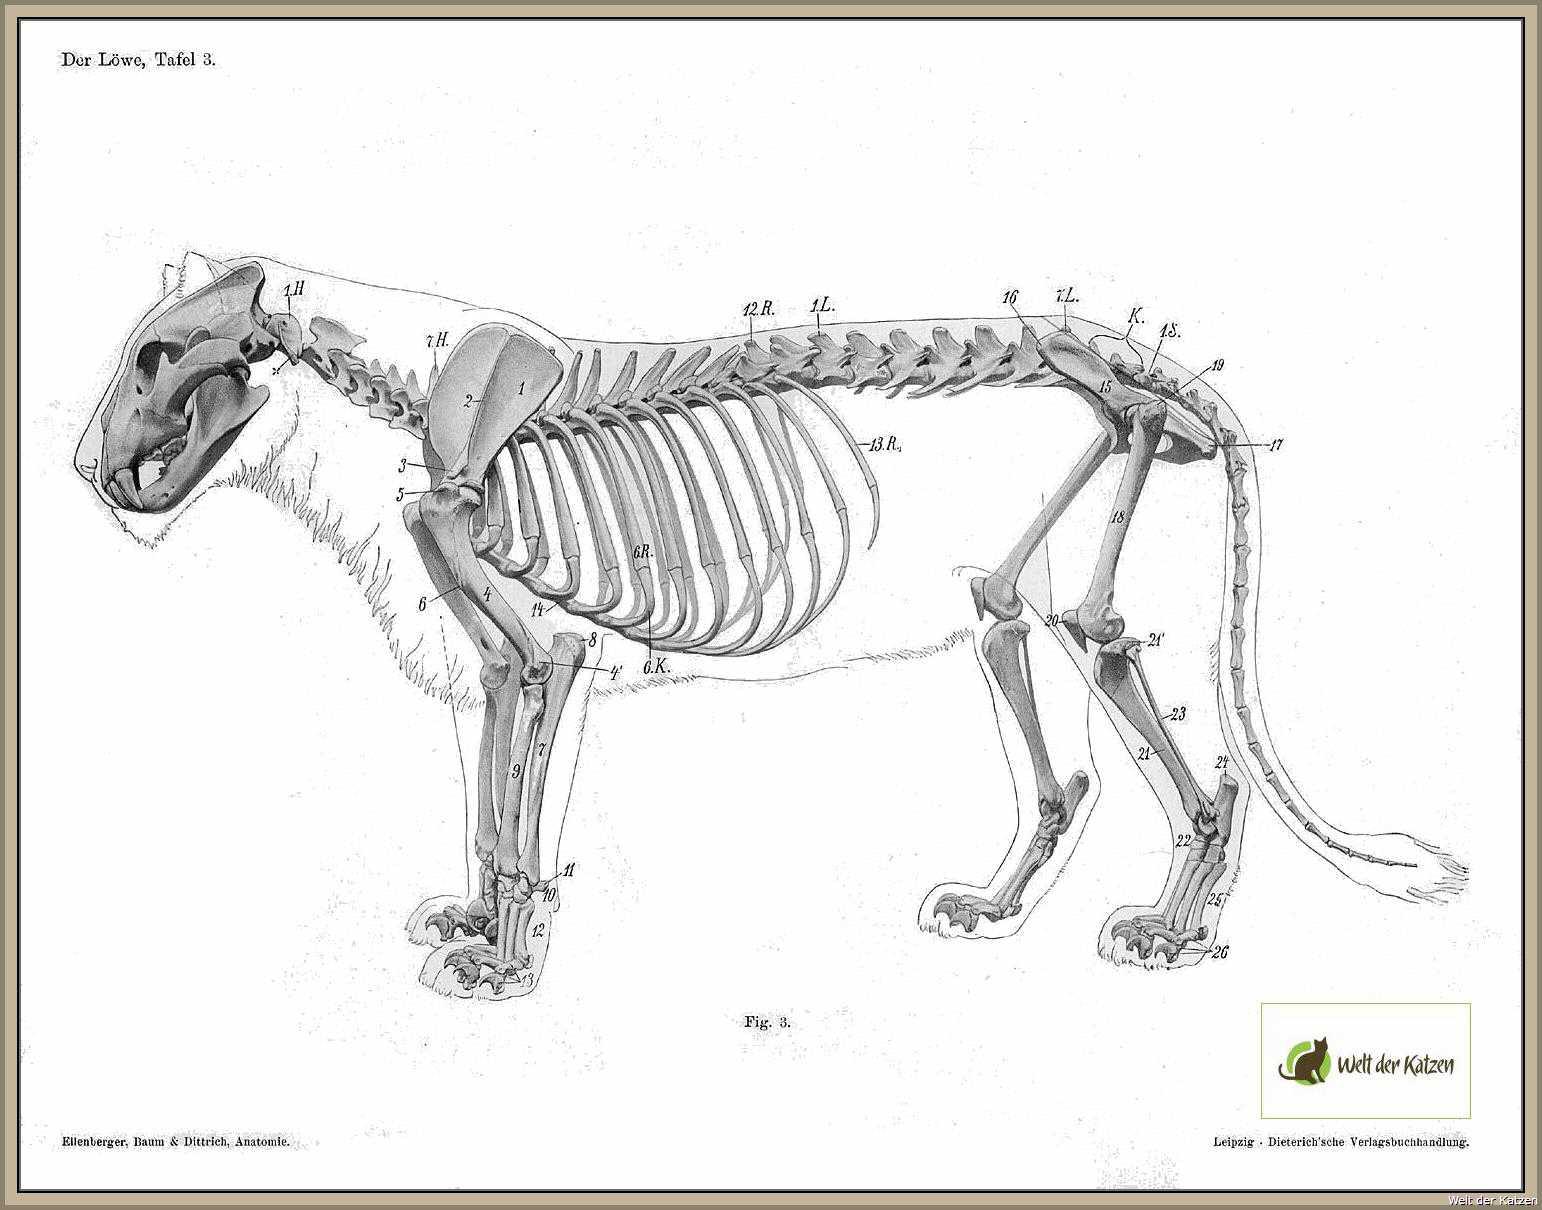 Berühmt Katze Knochen Anatomie Galerie - Menschliche Anatomie Bilder ...